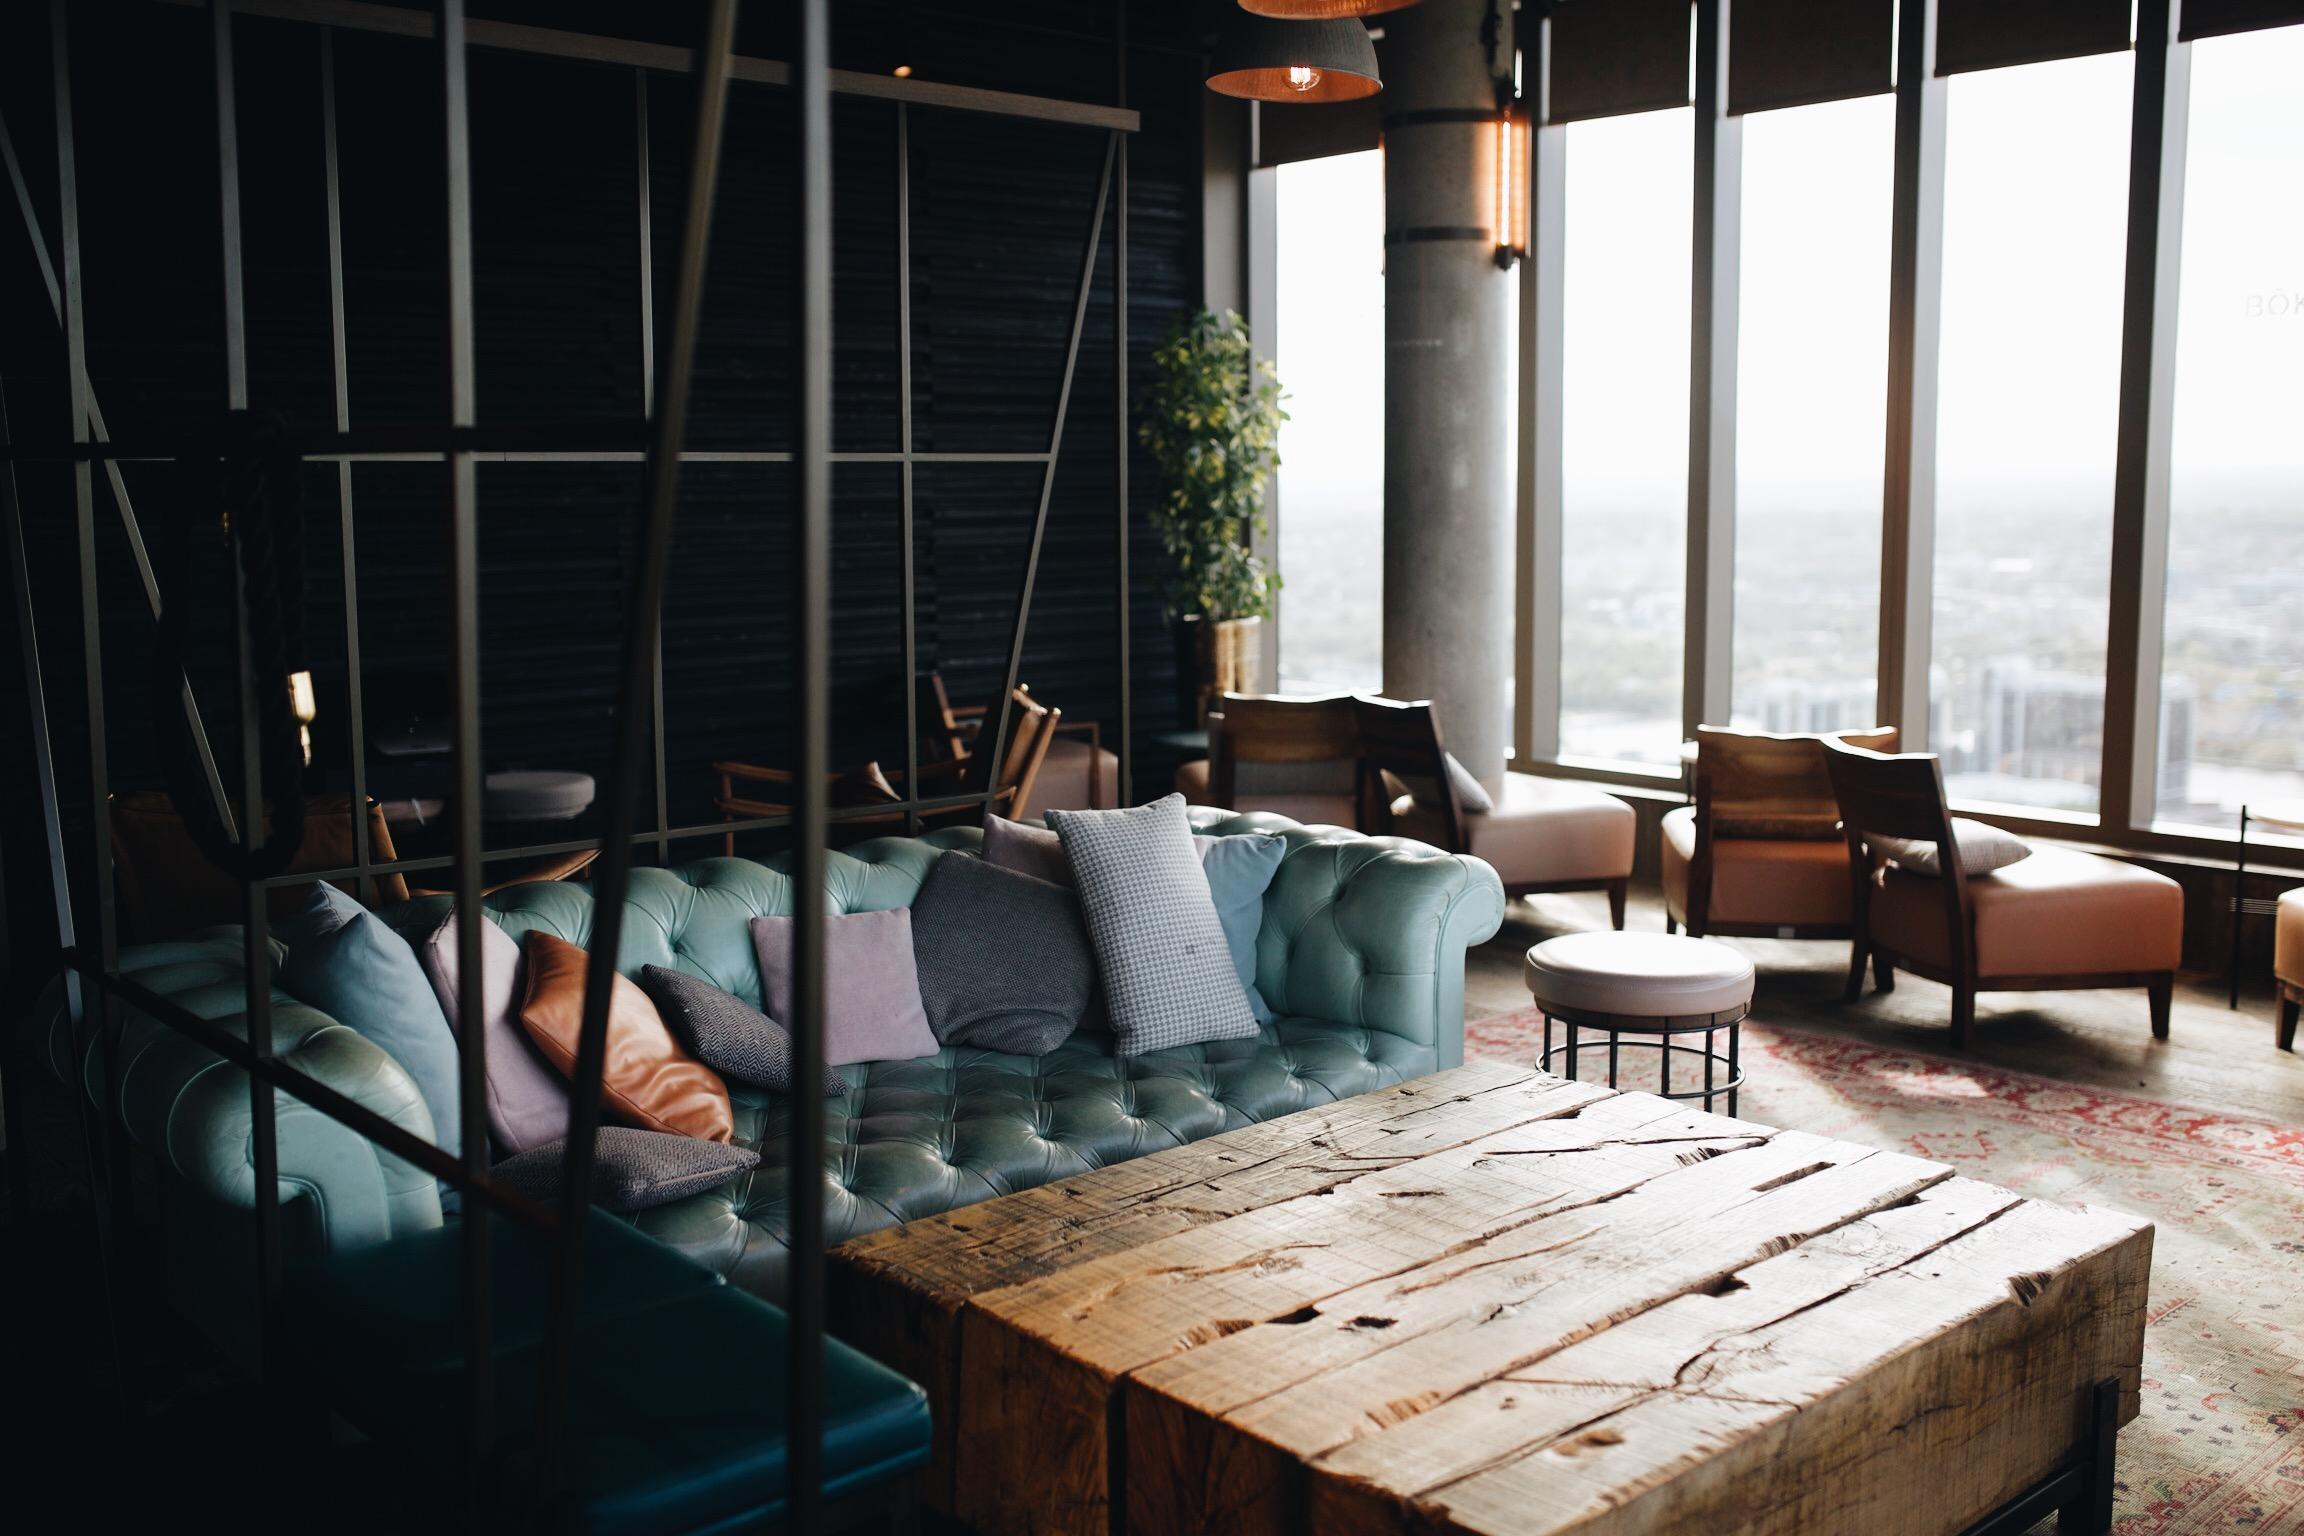 Le magnifique salon du 38ème étage du Novotel Canary Wharf